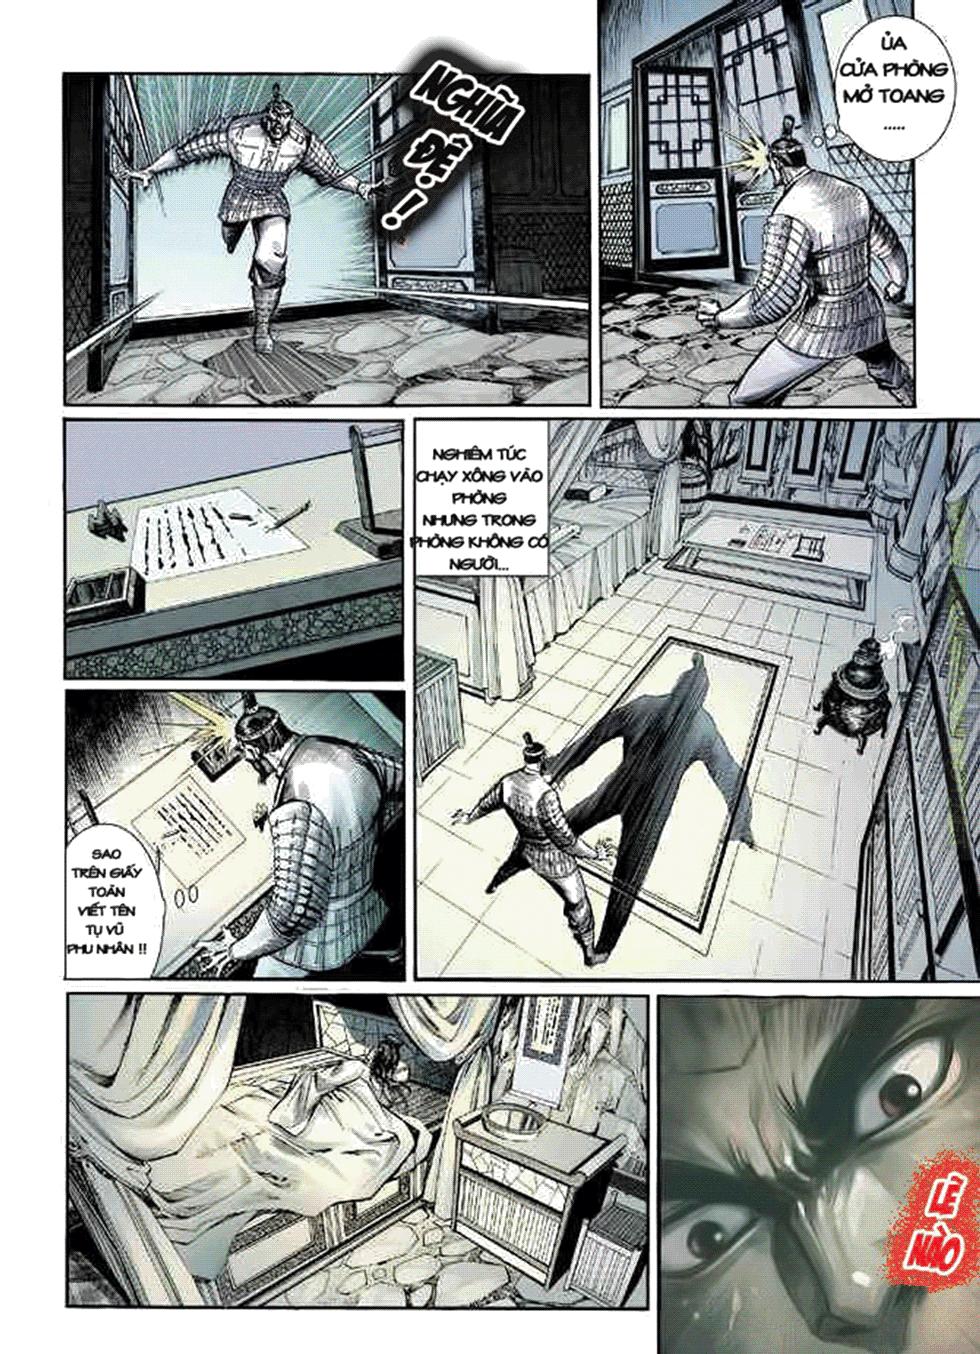 Tần Vương Doanh Chính chapter 7 trang 31